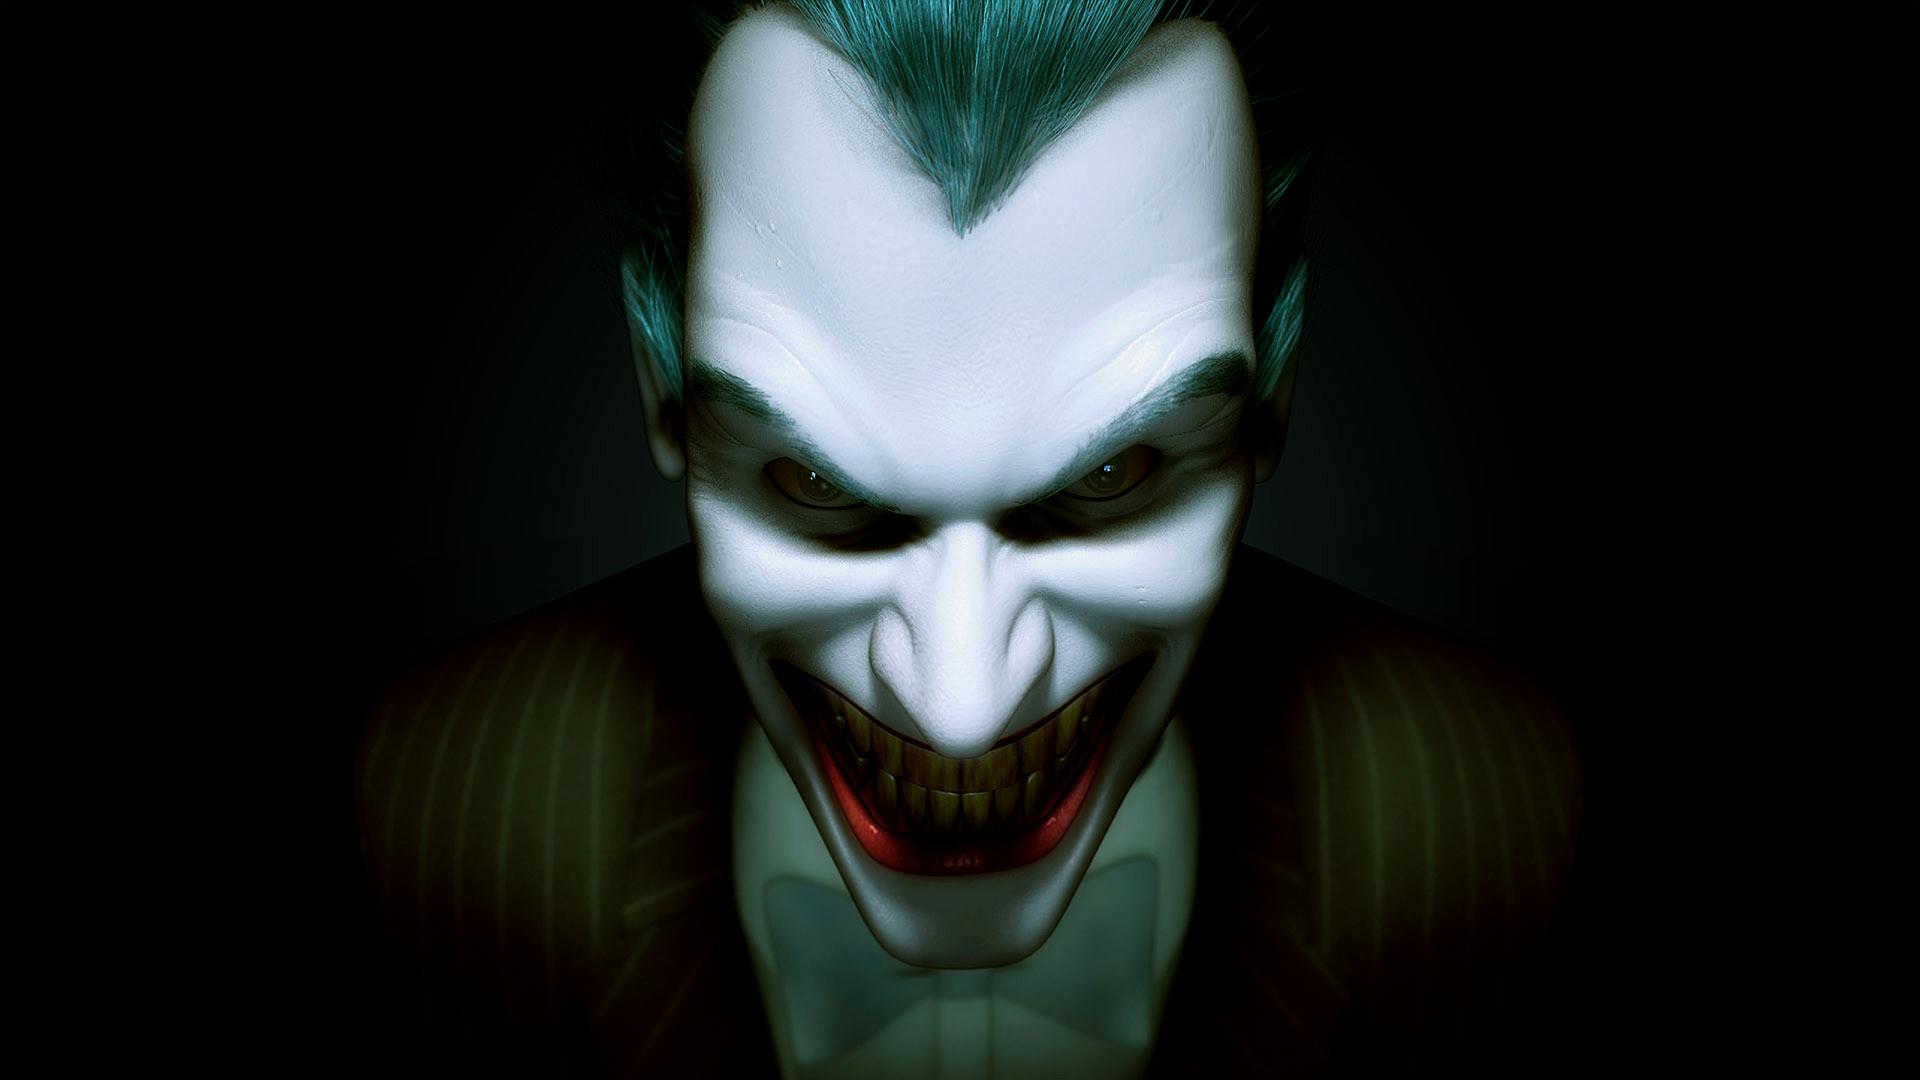 Joker wallpaper (1) – hebus.org – High Definition Wallpapers .